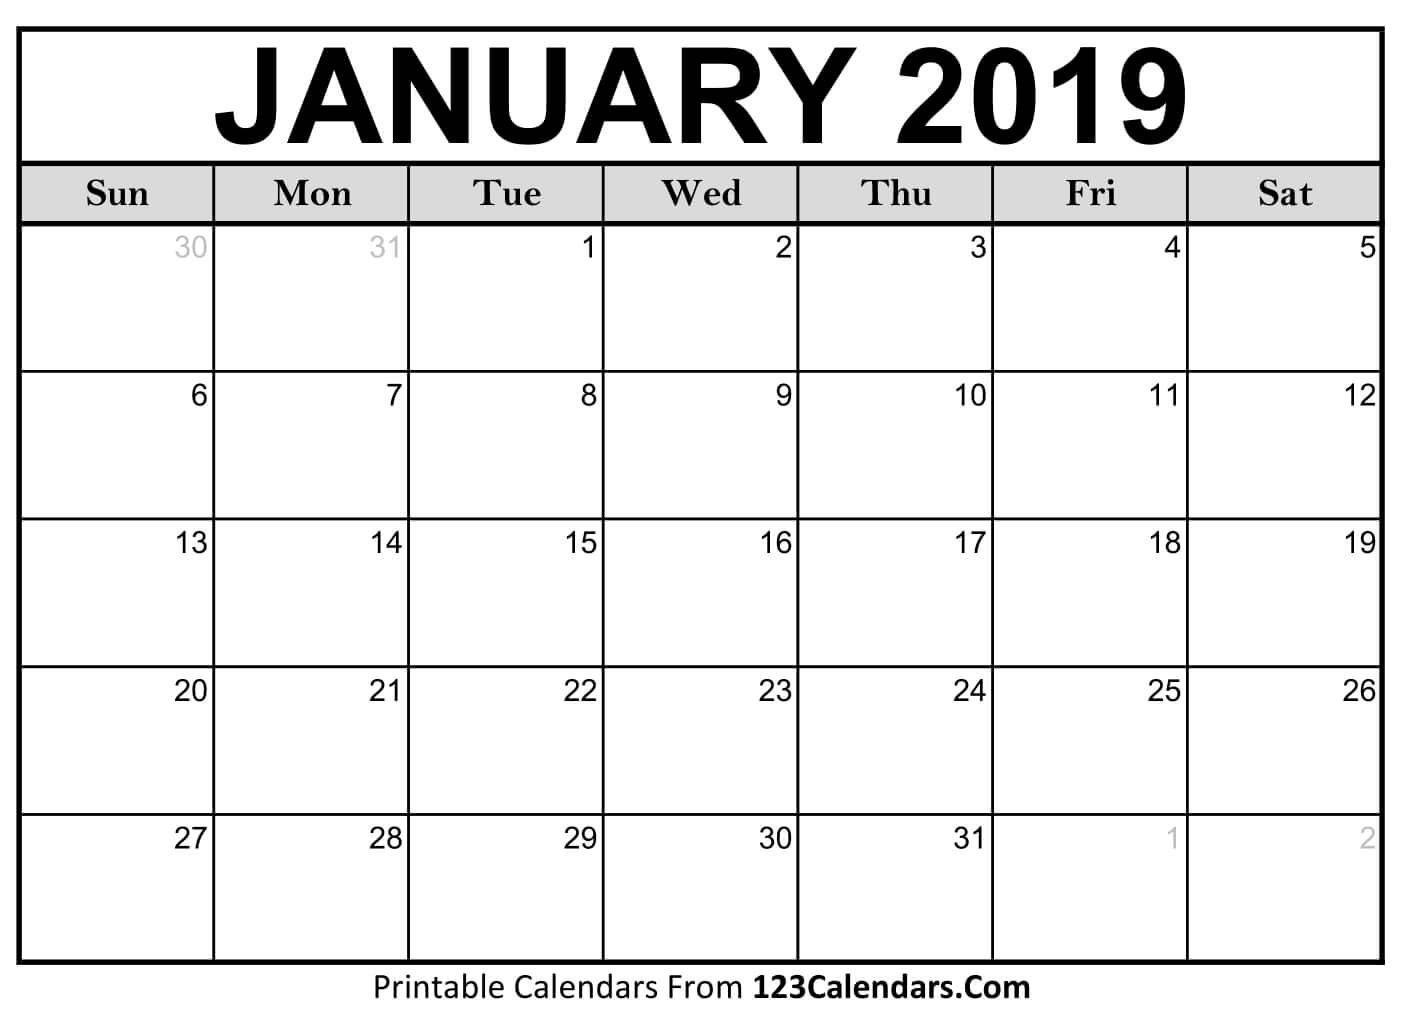 Printable January 2019 Calendar Templates – 123Calendars Calendar 2019 January To April